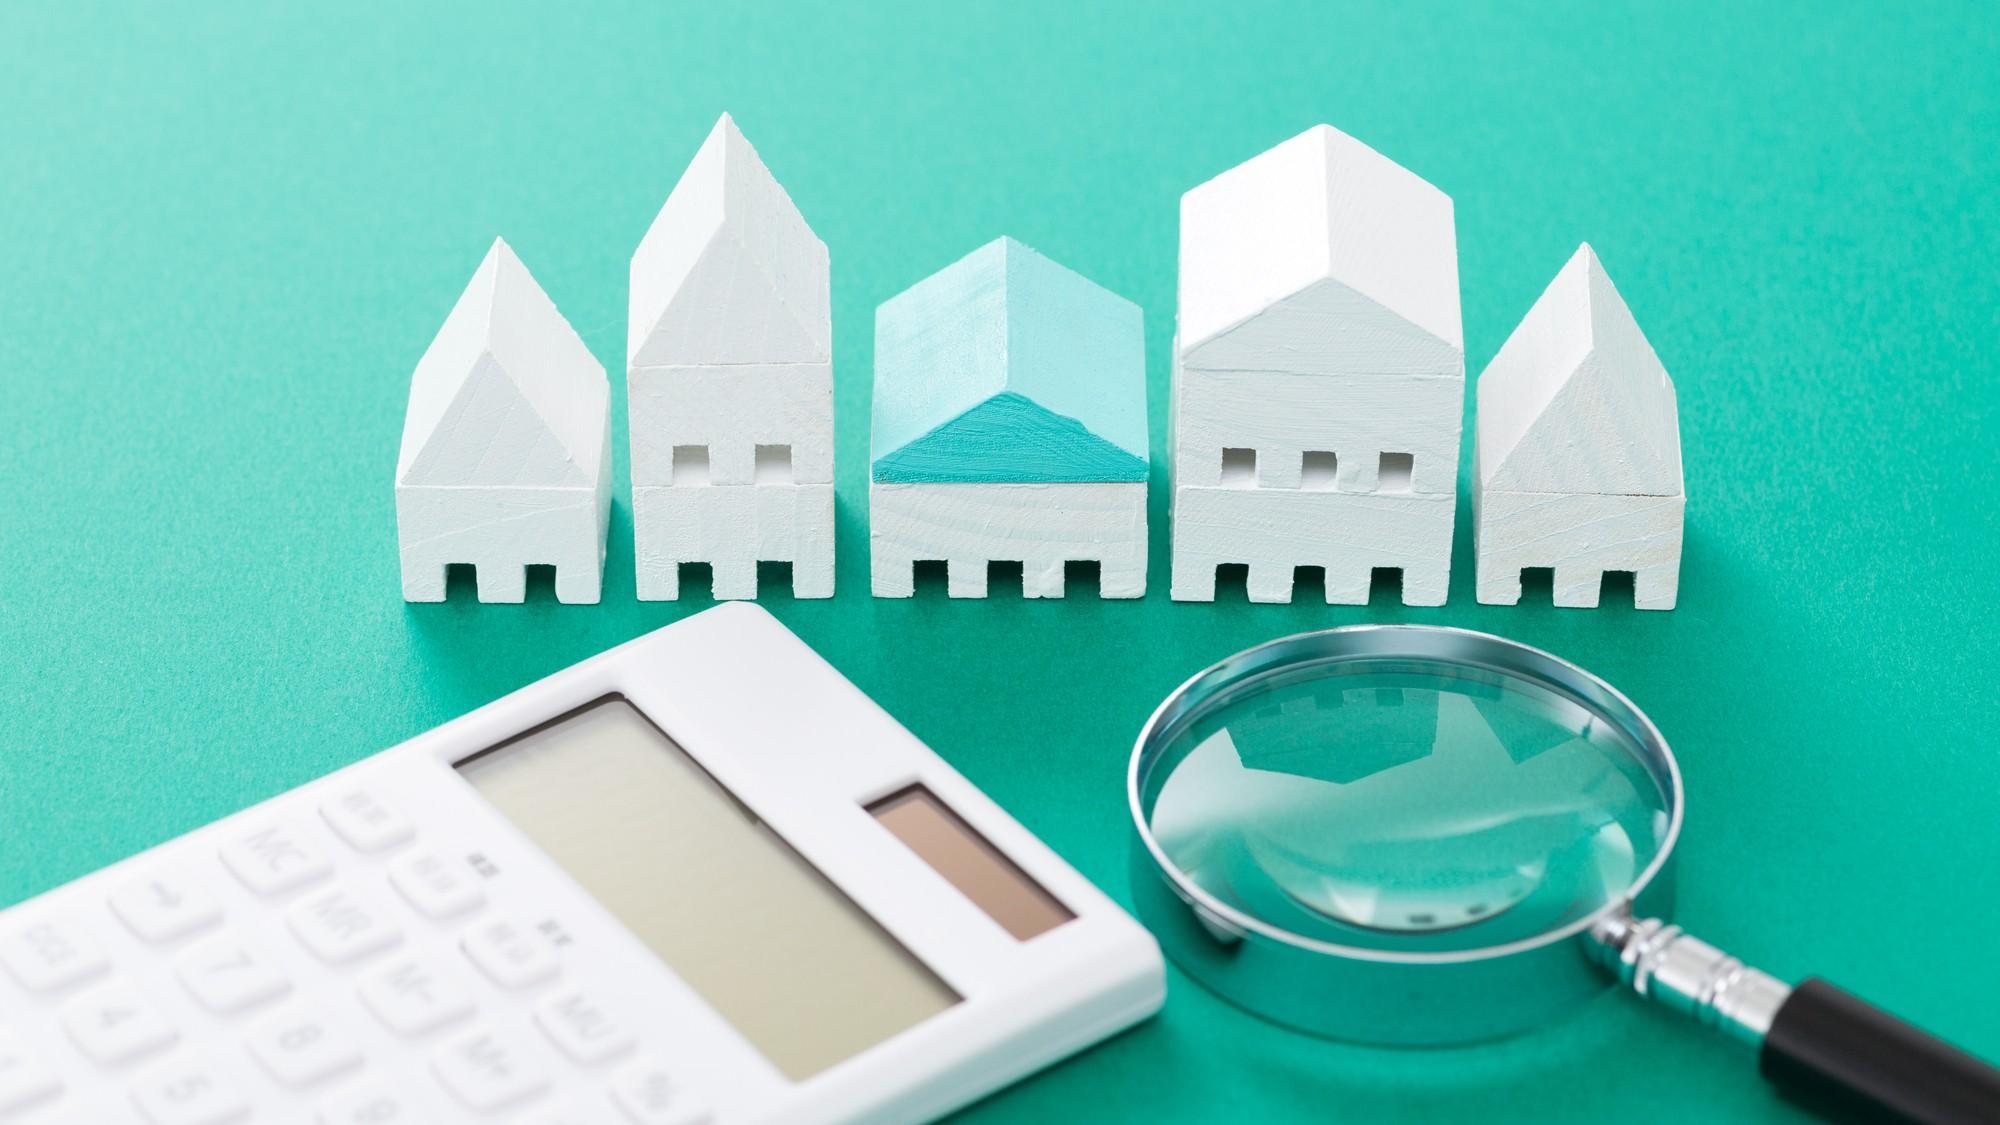 家賃未払いを防ぐ!リスクが高い「入居希望者」の見極め方6つ